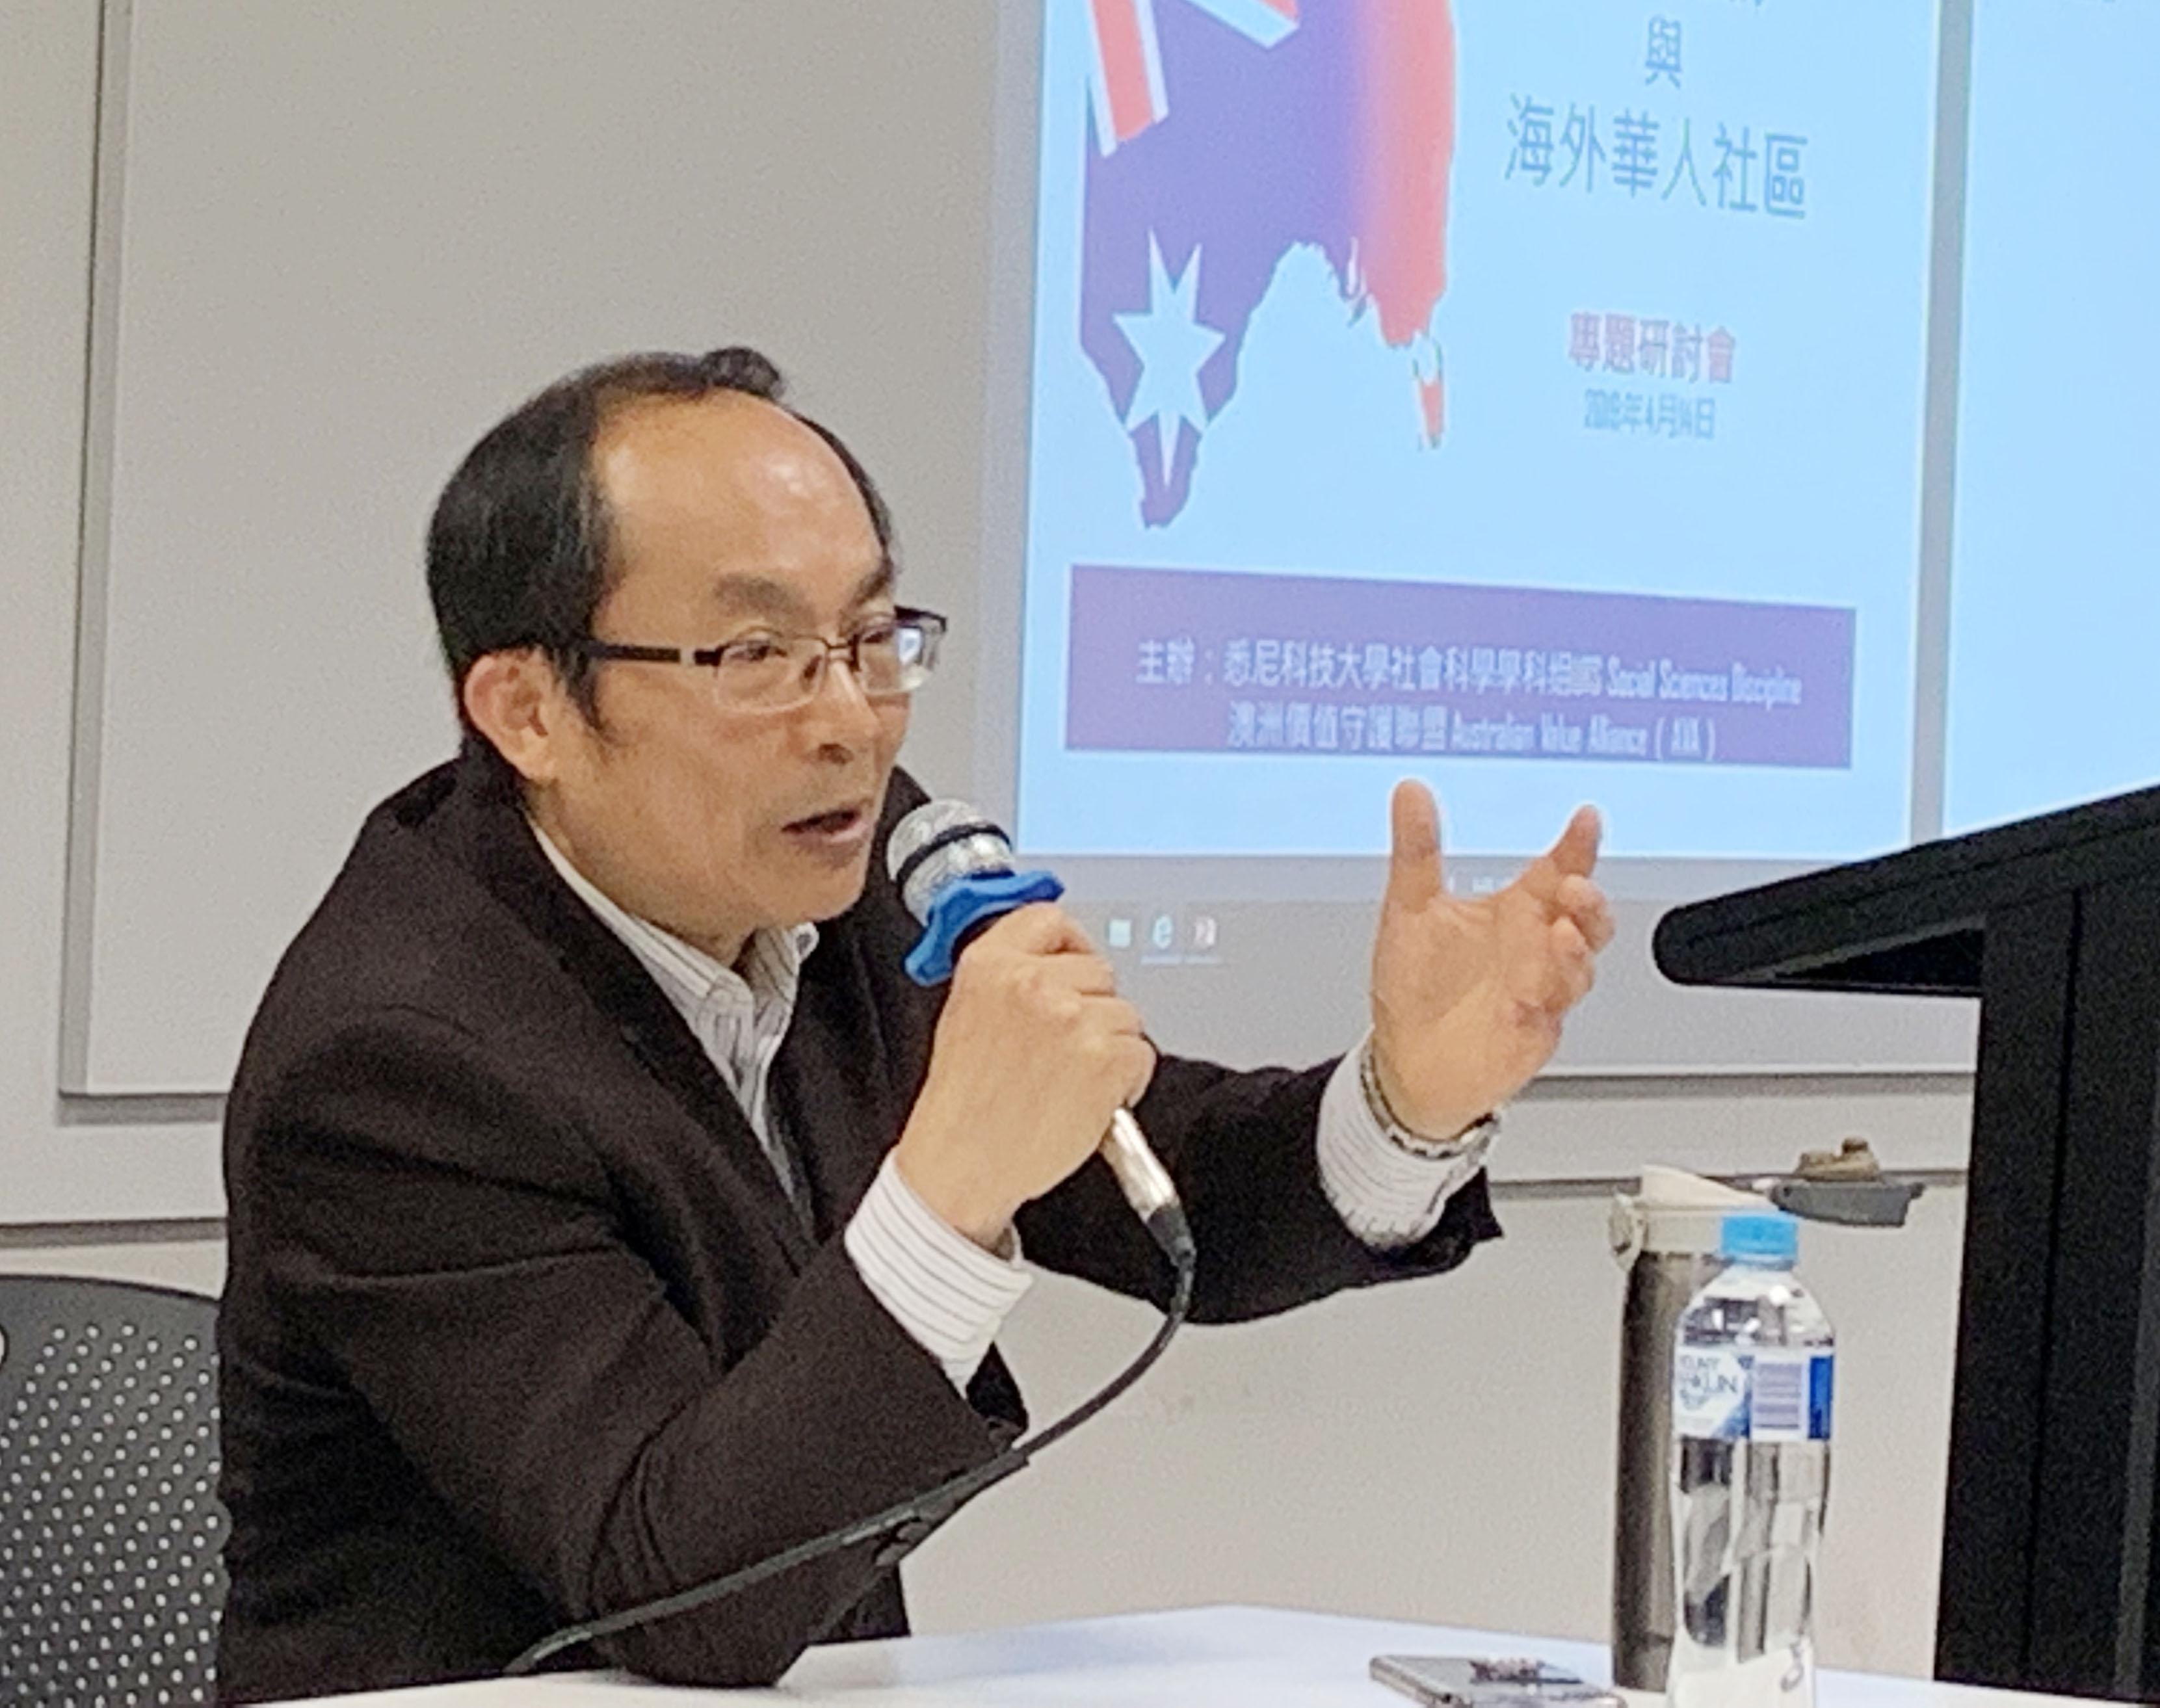 悉尼科技大學中國問題專家馮崇義教授在研討會上發言。(駱亞/大紀元)